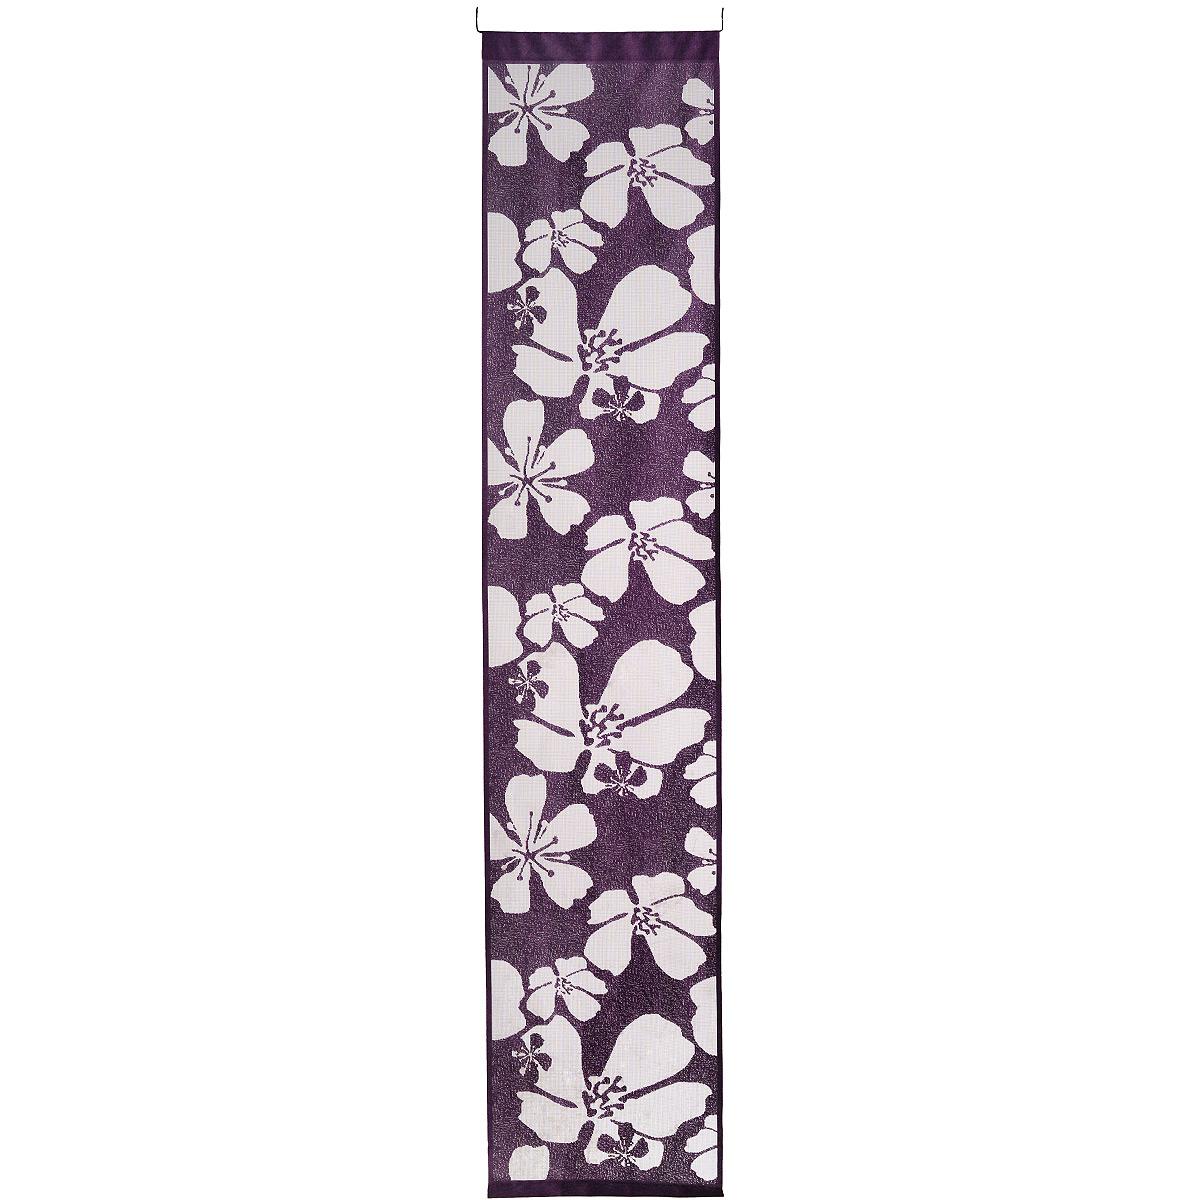 Гардина-панно Wisan, на кулиске, цвет: фиолетовый, высота 240 см. 9897 гардина wisan 040w